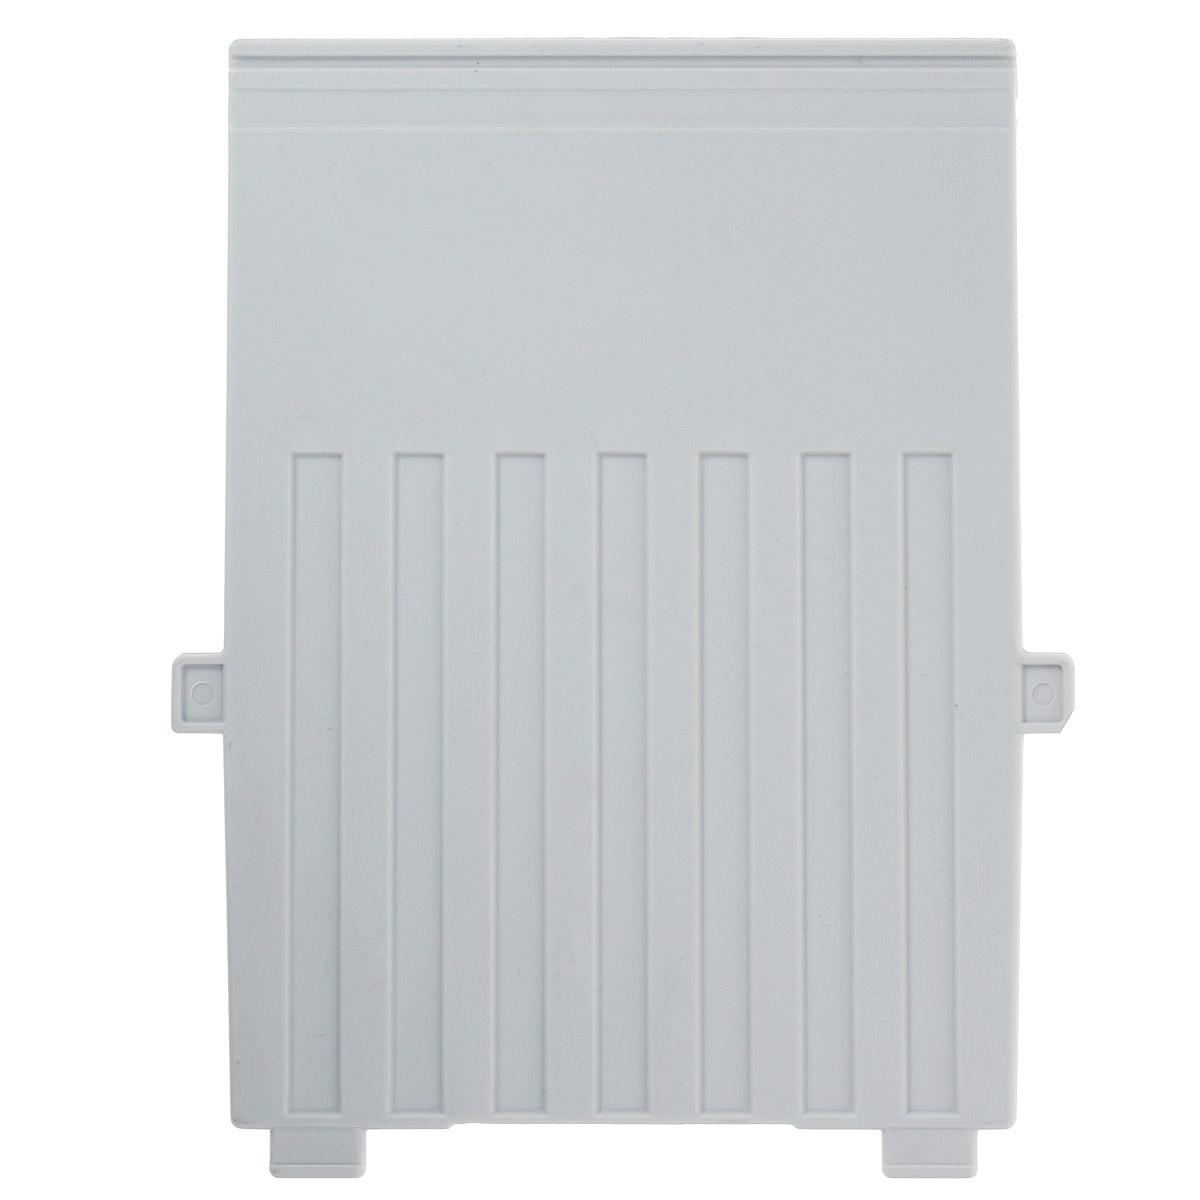 Разделитель для вертикальной картотеки Han, цвет: серый. Формат А6HA9026-1/11Разделитель для картотеки Han изготовлен из пластика серого цвета. Предназначен для вертикальных картотек HAN. Имеется специальное поле для установки индексного окна (сверху).